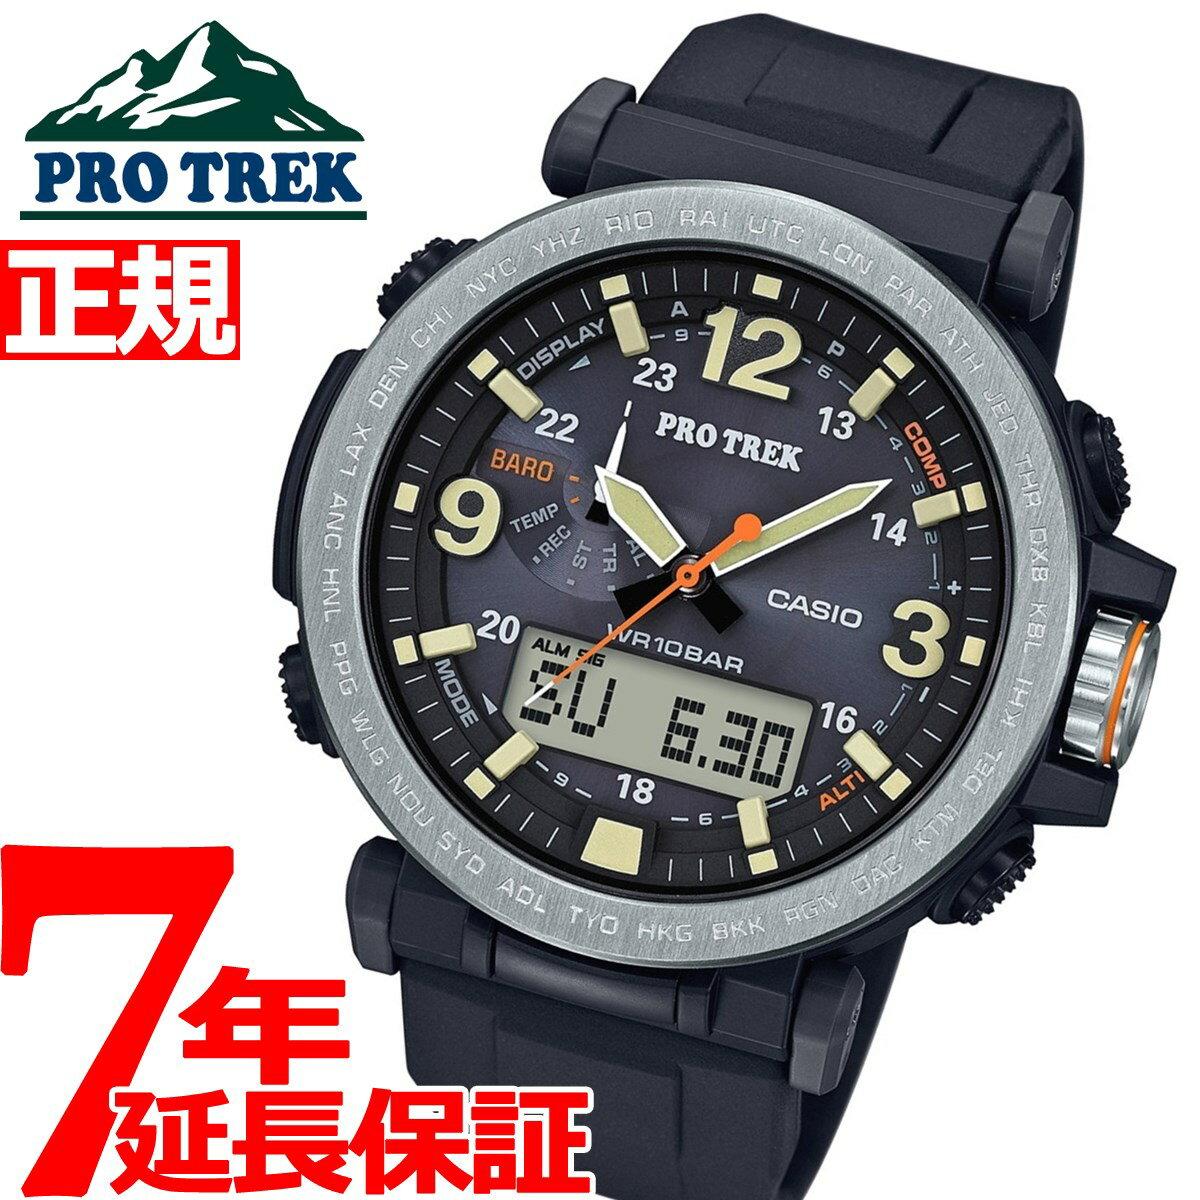 カシオ プロトレック CASIO PRO TREK ソーラー 腕時計 メンズ アナデジ タフソーラー PRG-600-1JF【あす楽対応】【即納可】